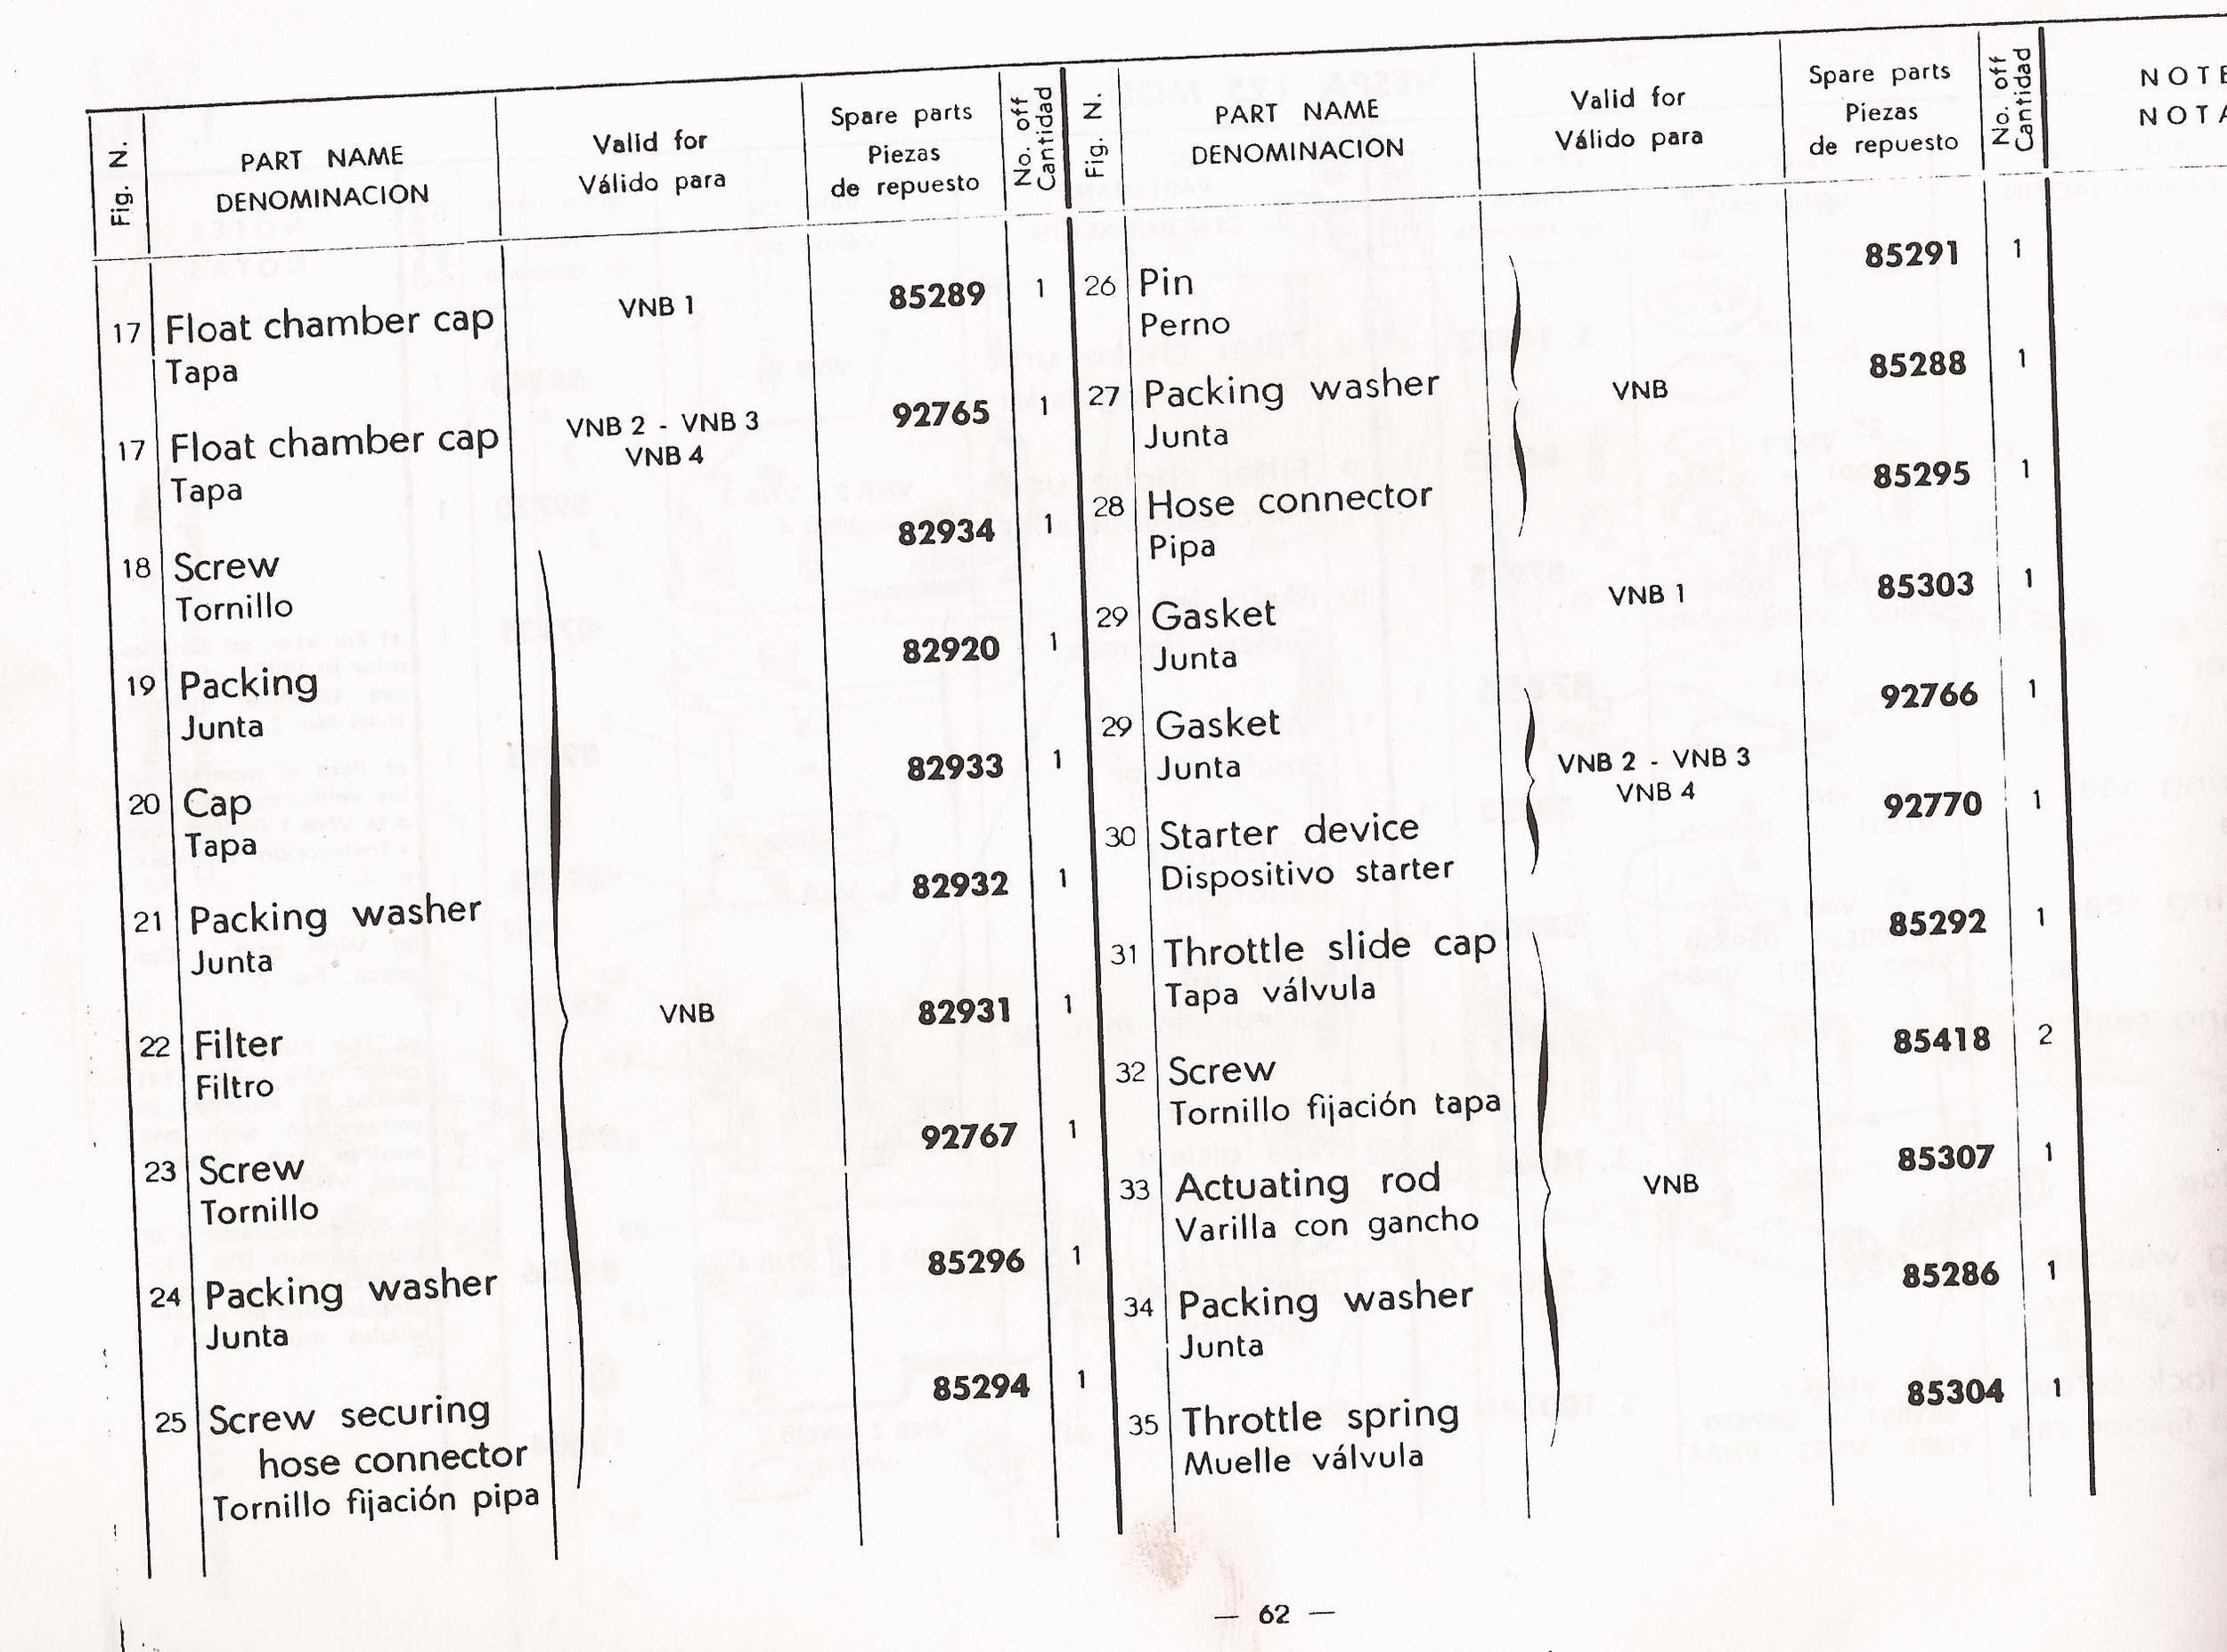 07-16-2013 vespa 125 catalog manuel 66.jpg